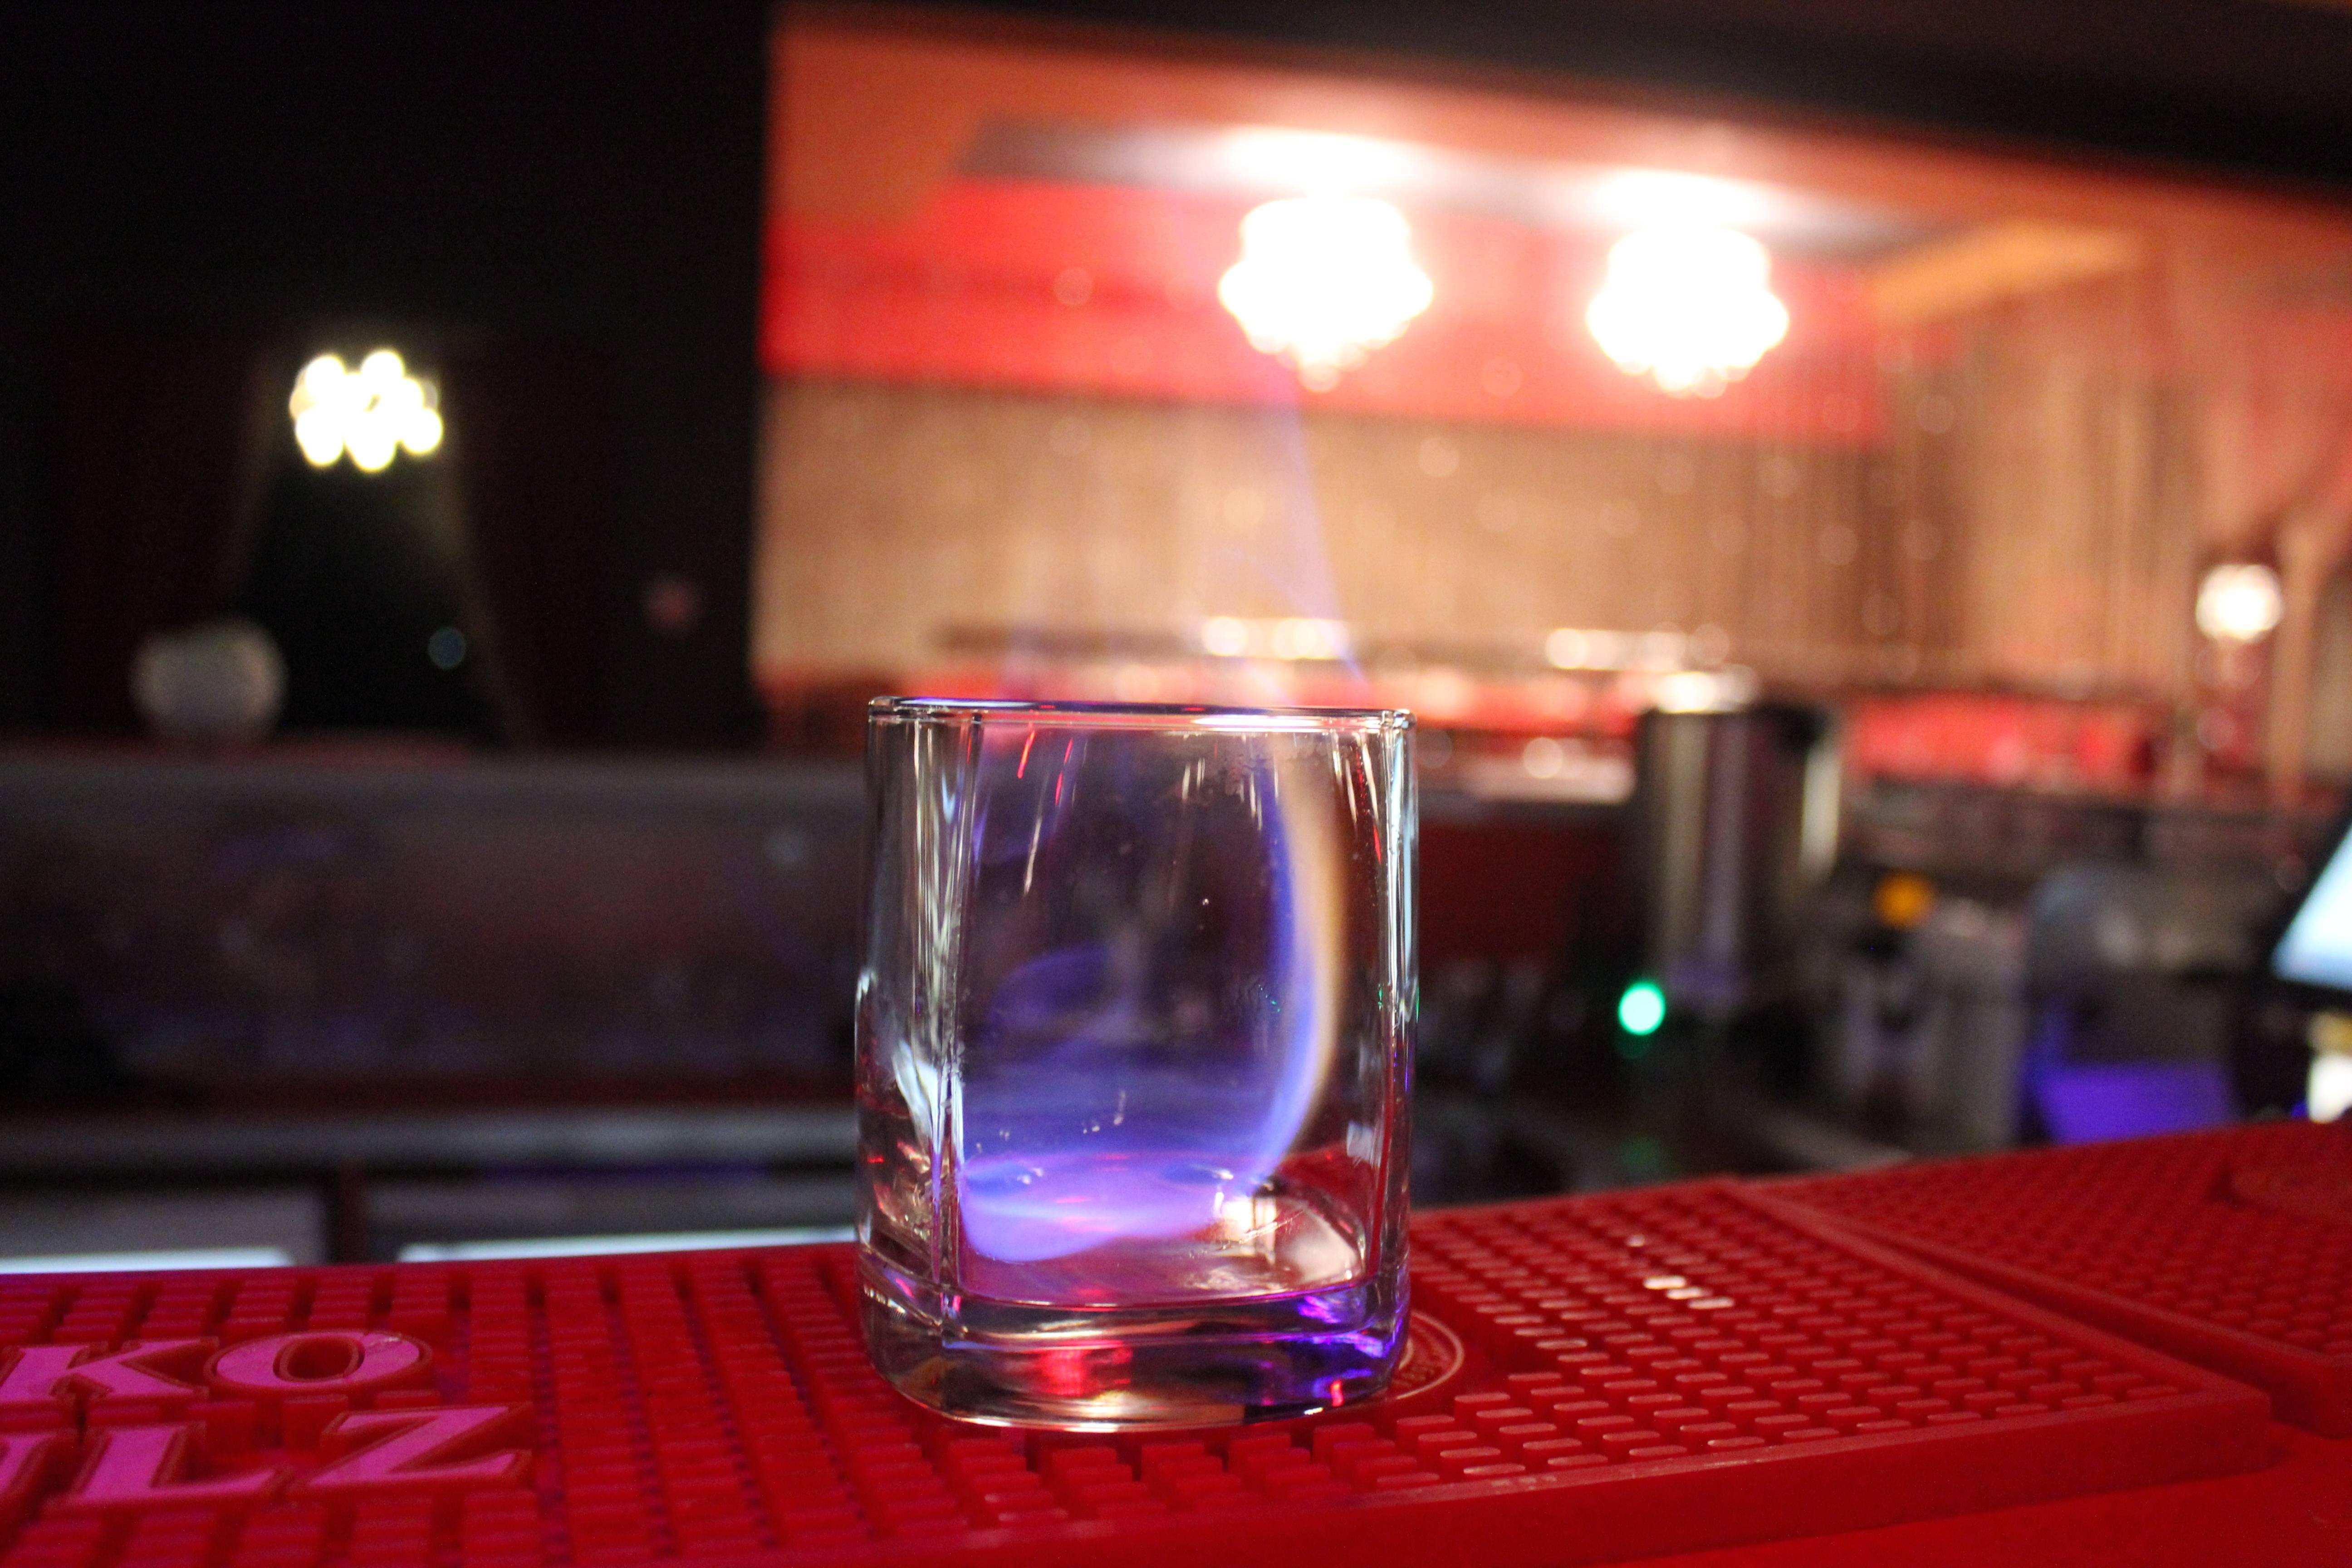 Как пить самбуку: с чем пьют ликер и правильные способы подачи в бокалах | mosspravki.ru